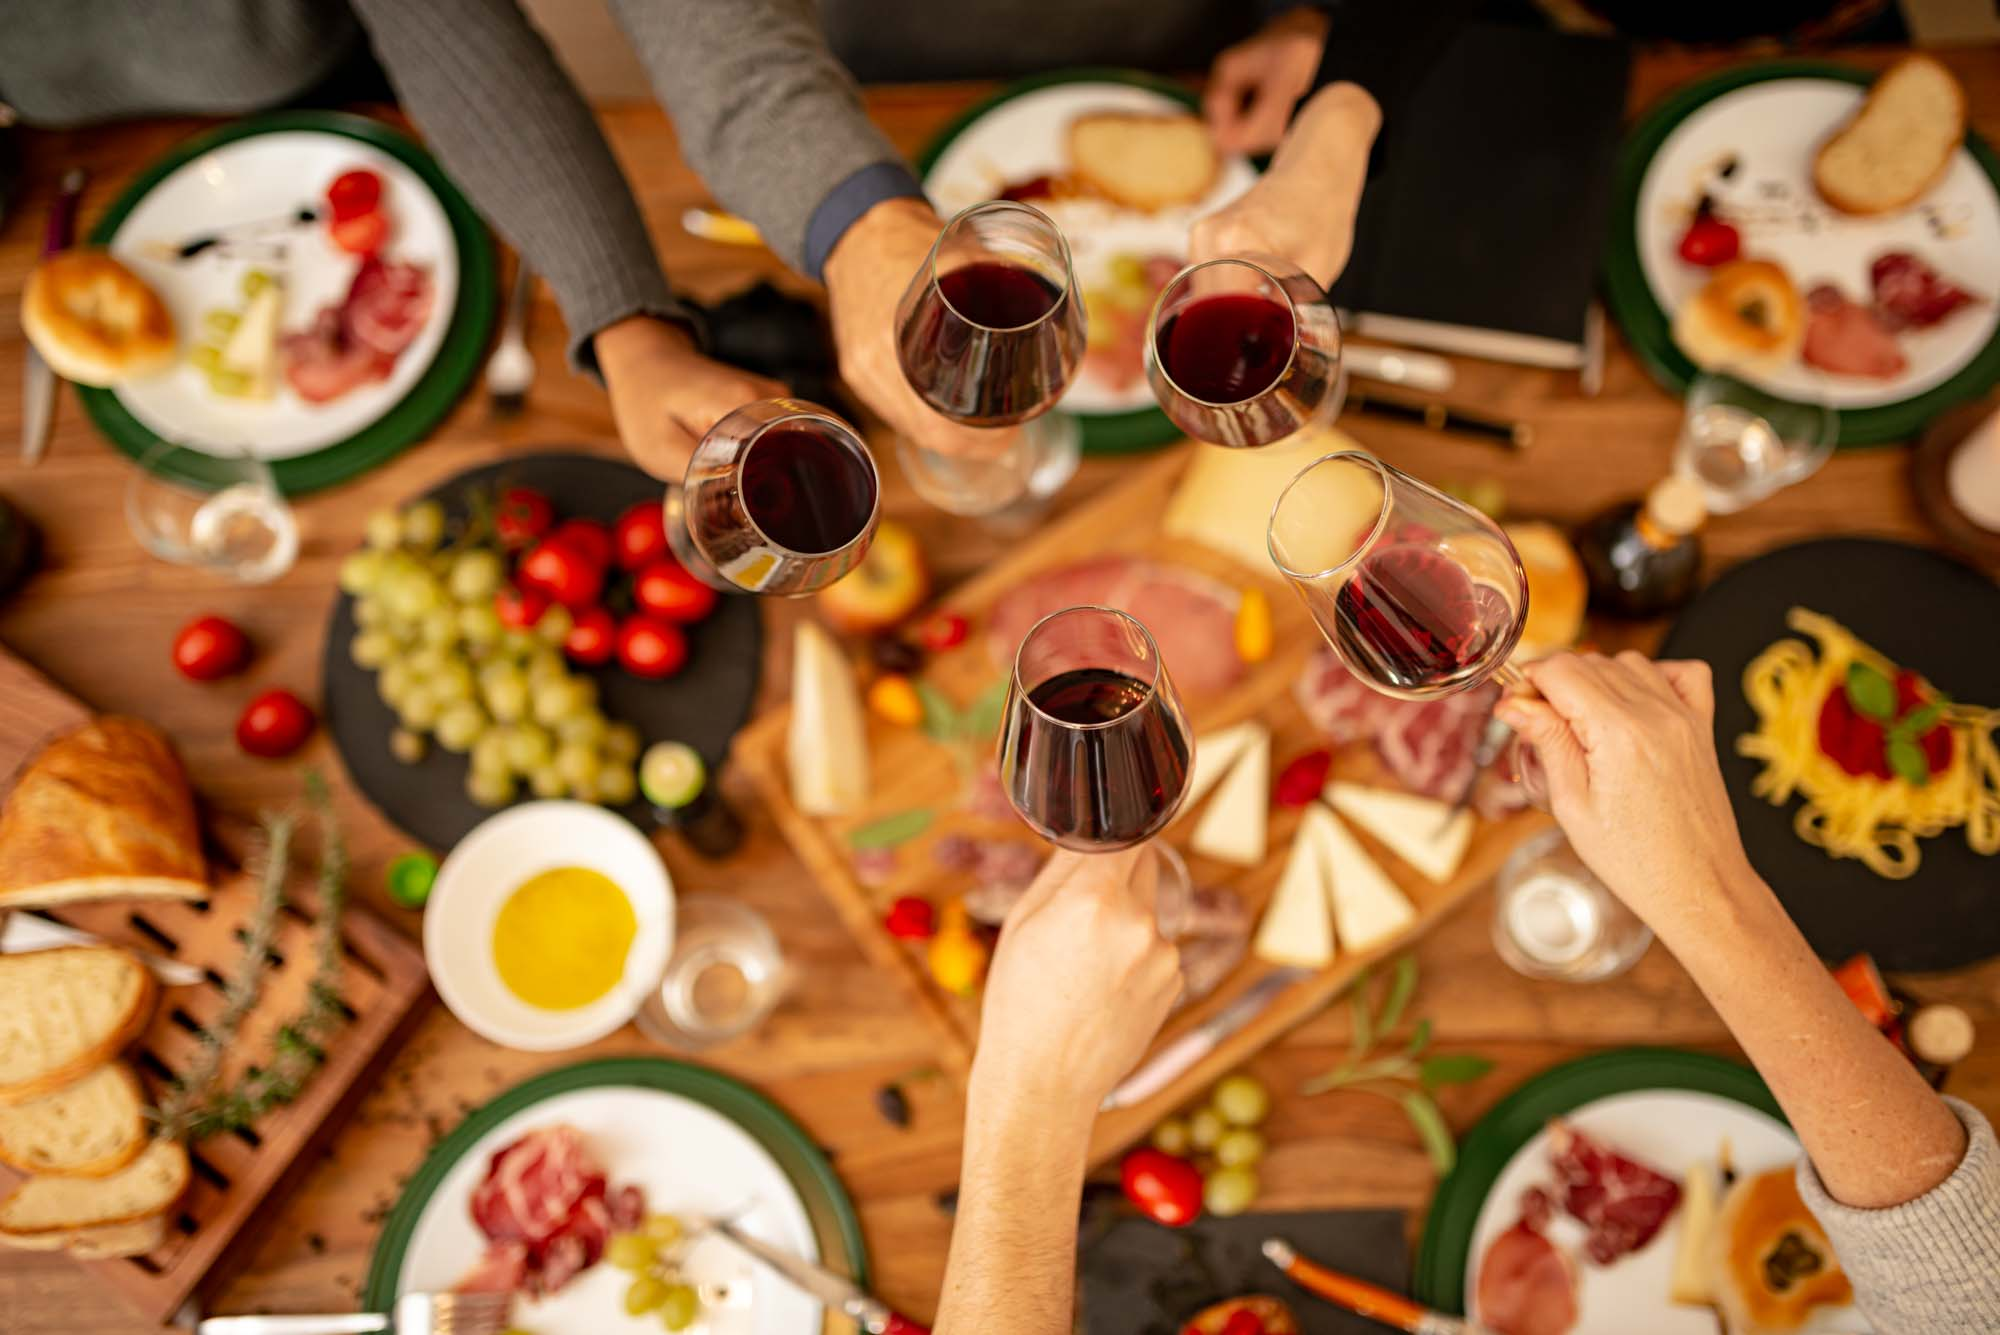 Corsi Di Cucina Formazione Manageriale a Trieste